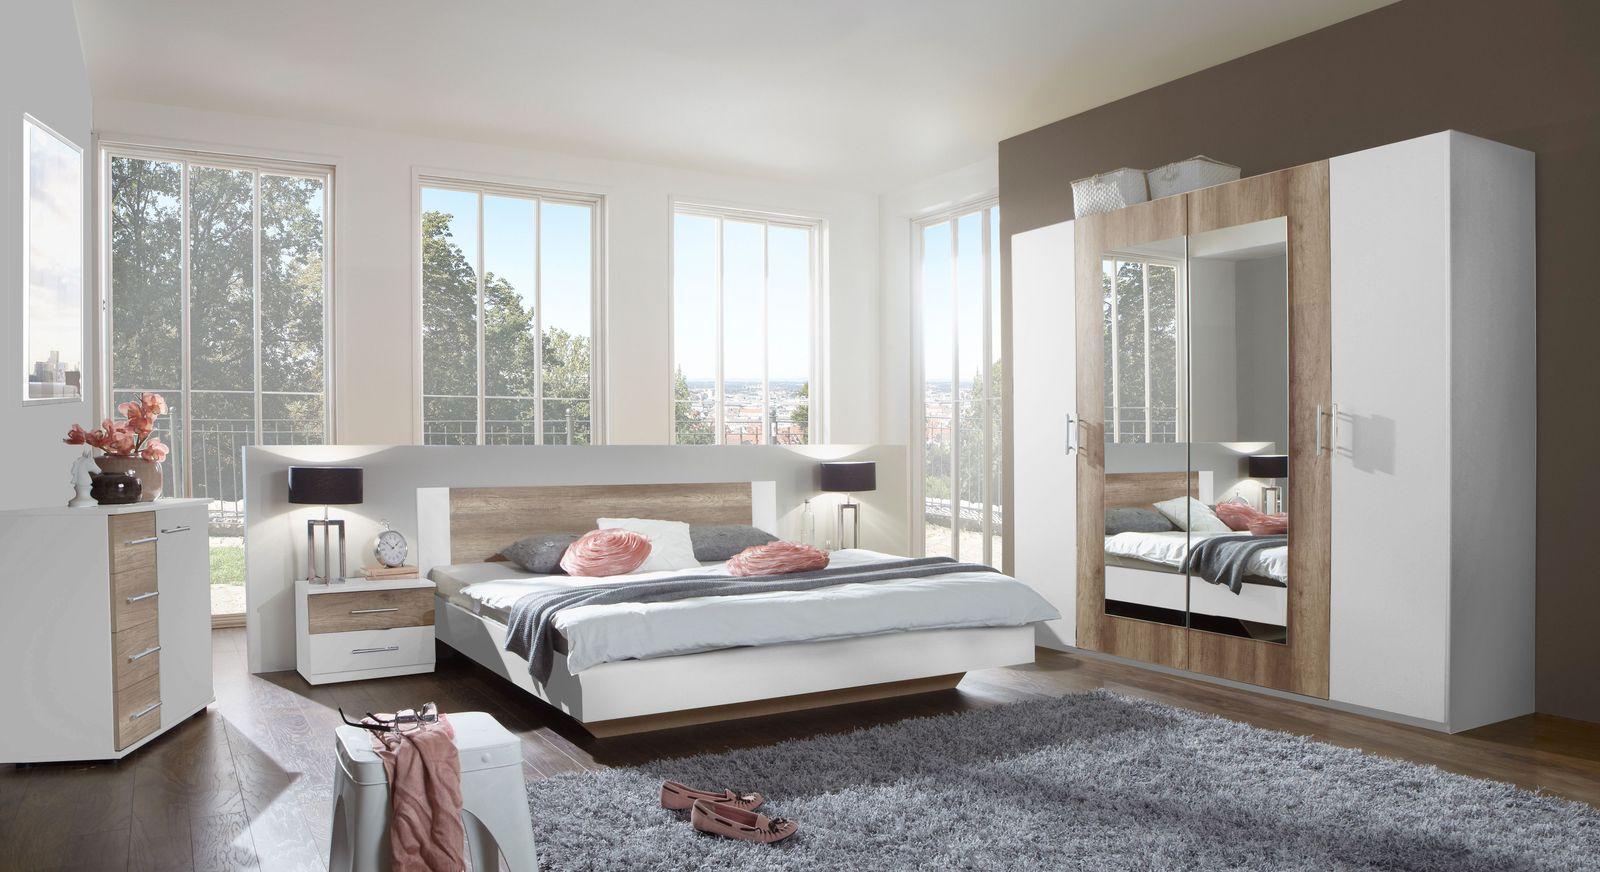 Preiswertes Schlafzimmer Boquila In Modernem Design